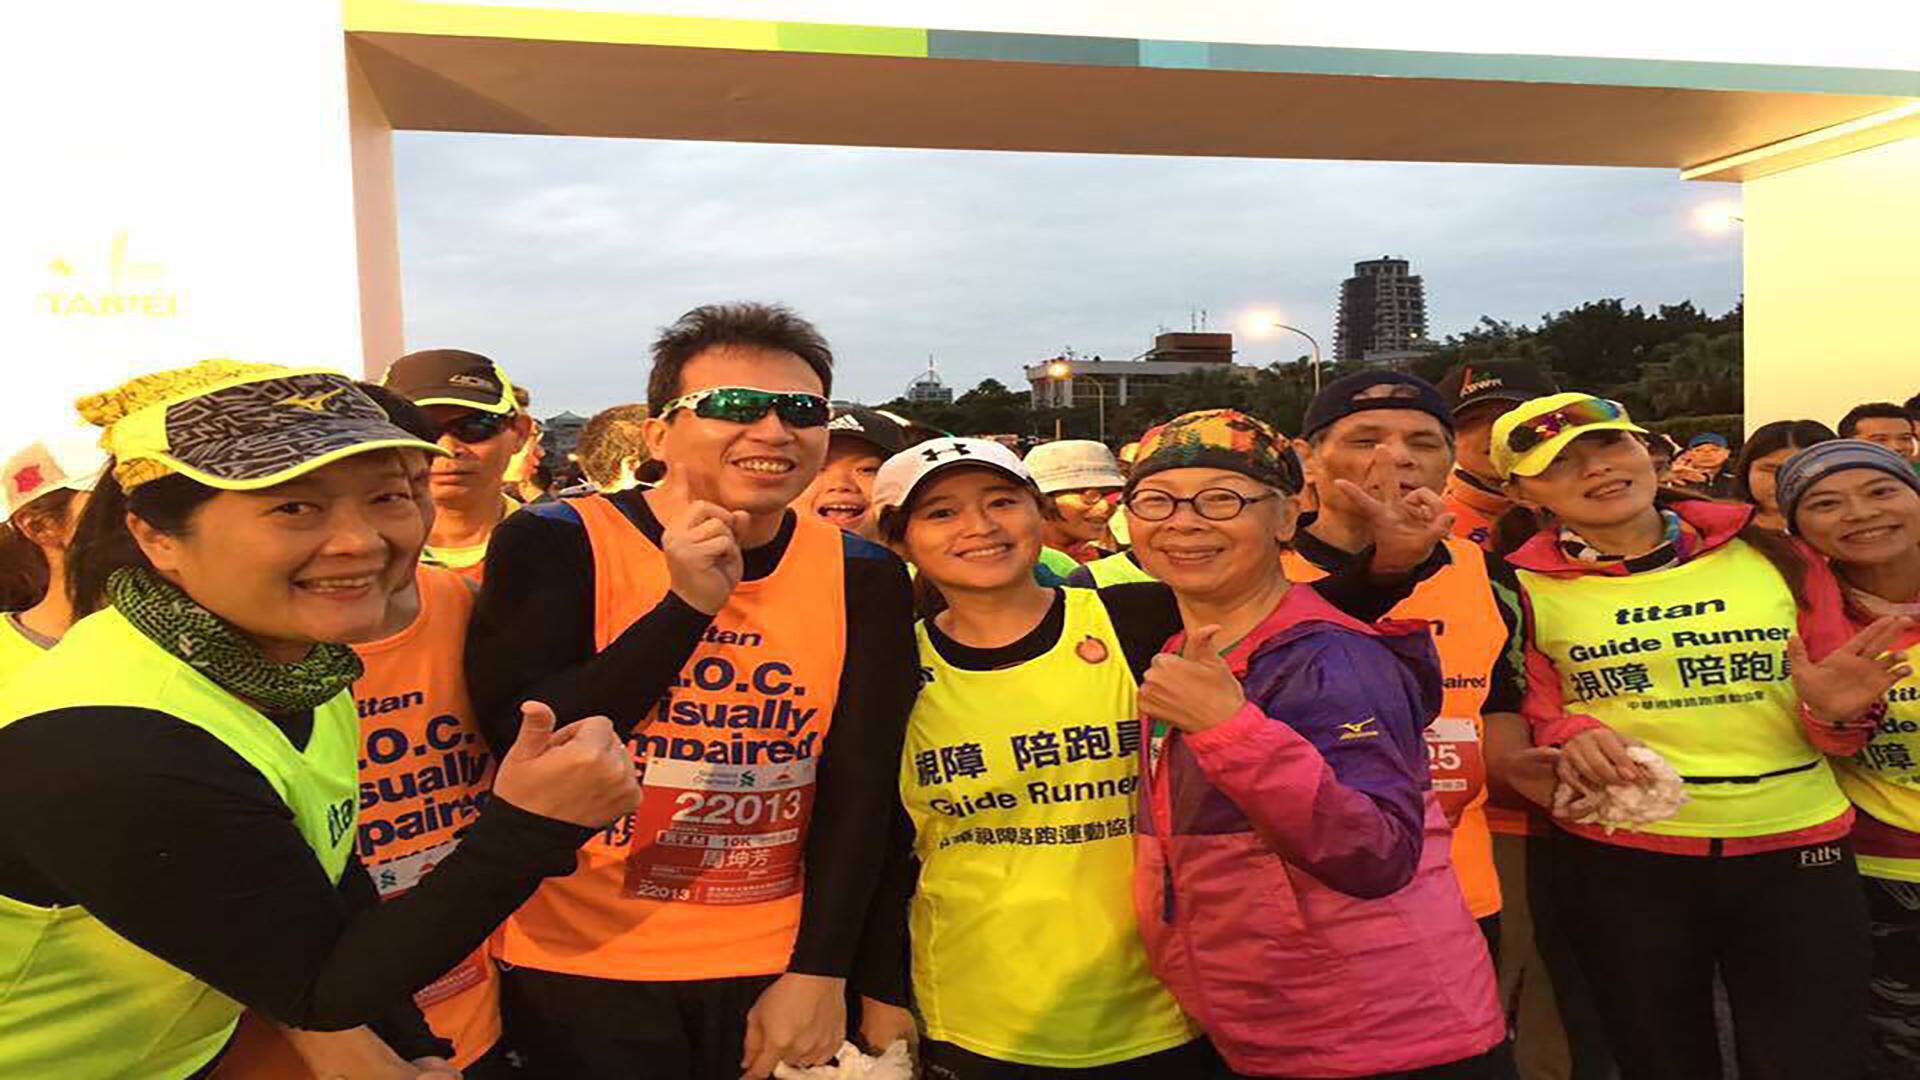 完賽後的視障選手與陪跑團們。圖片來源/簡佩玲提供